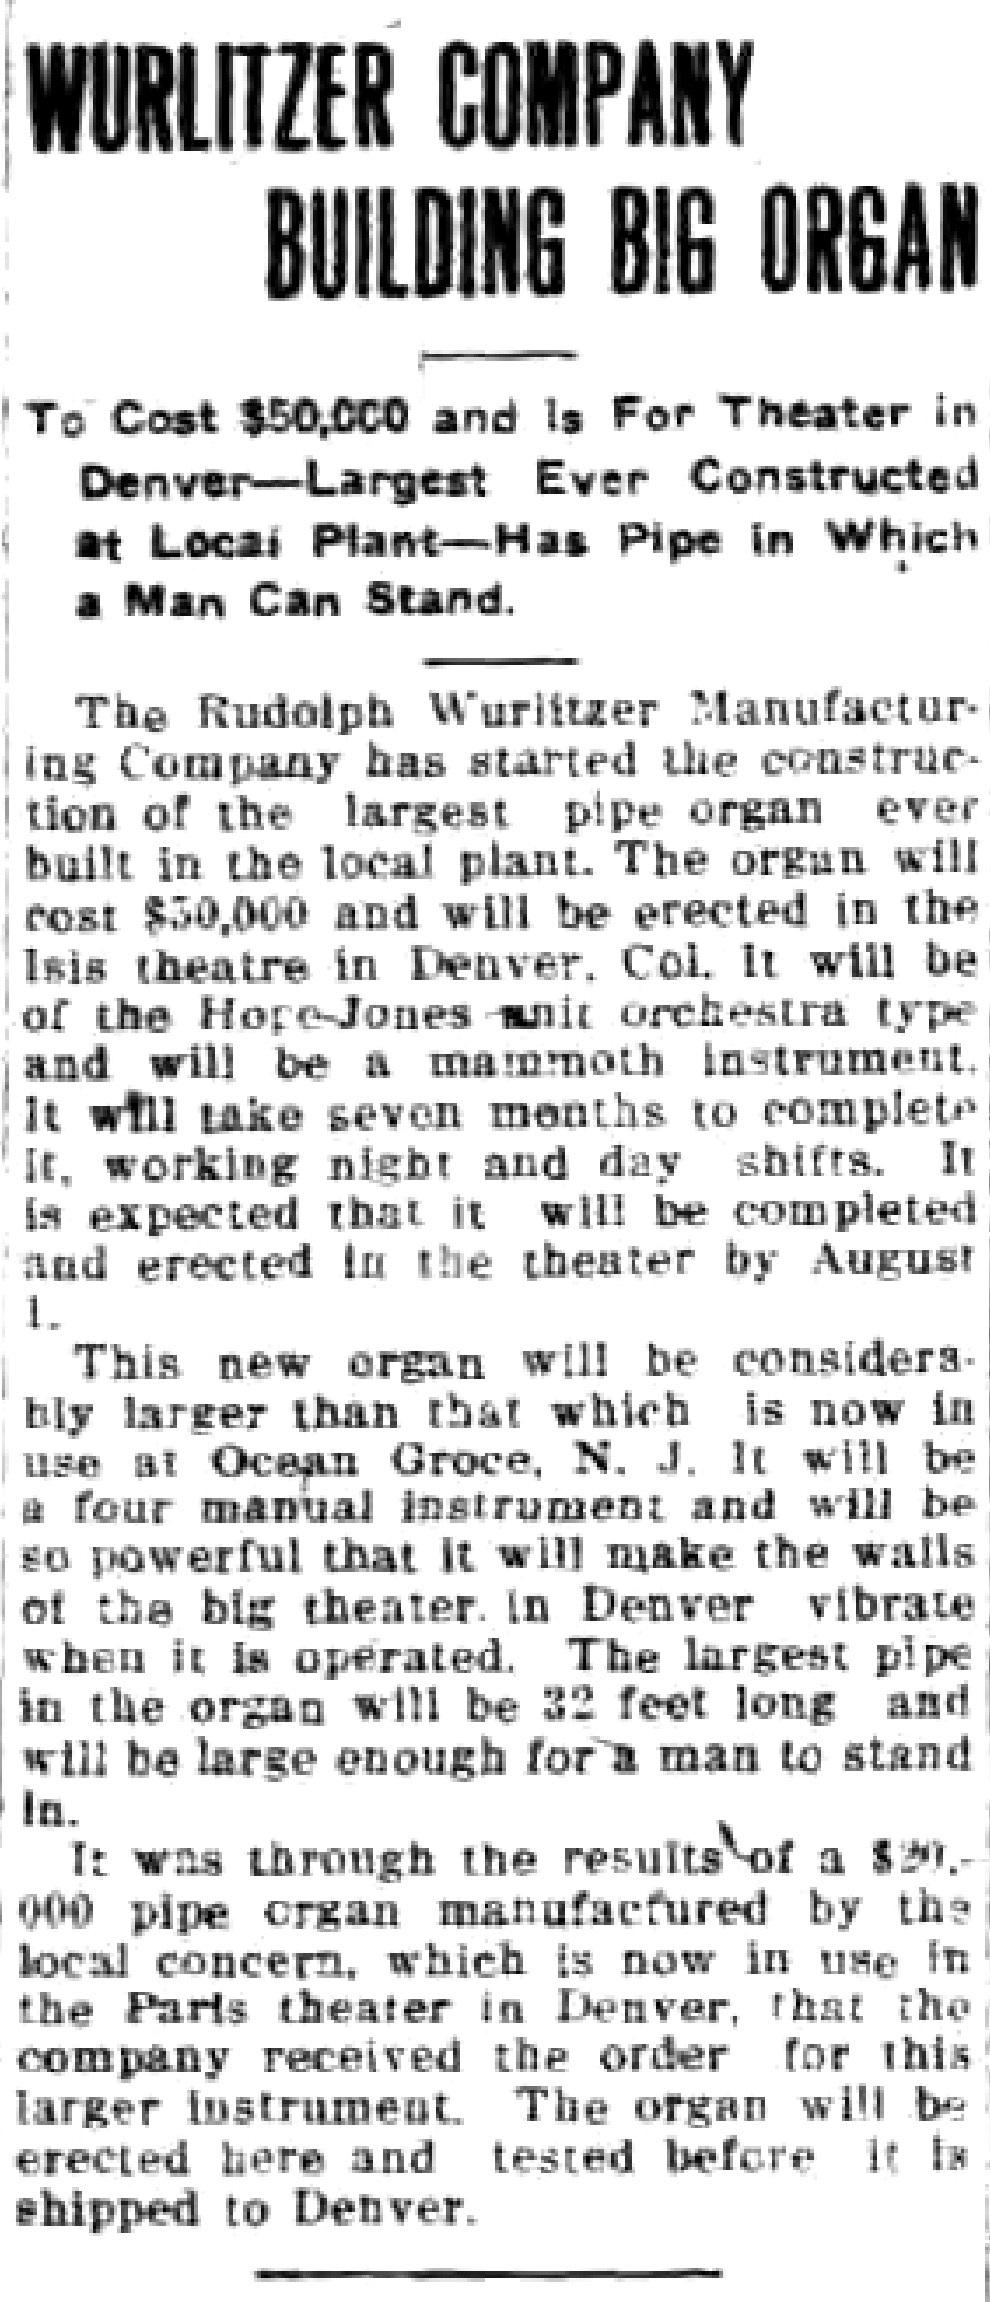 Wurlitzer Company Building Big Organ, article (Tonawanda News, 1915-04-08).jpg